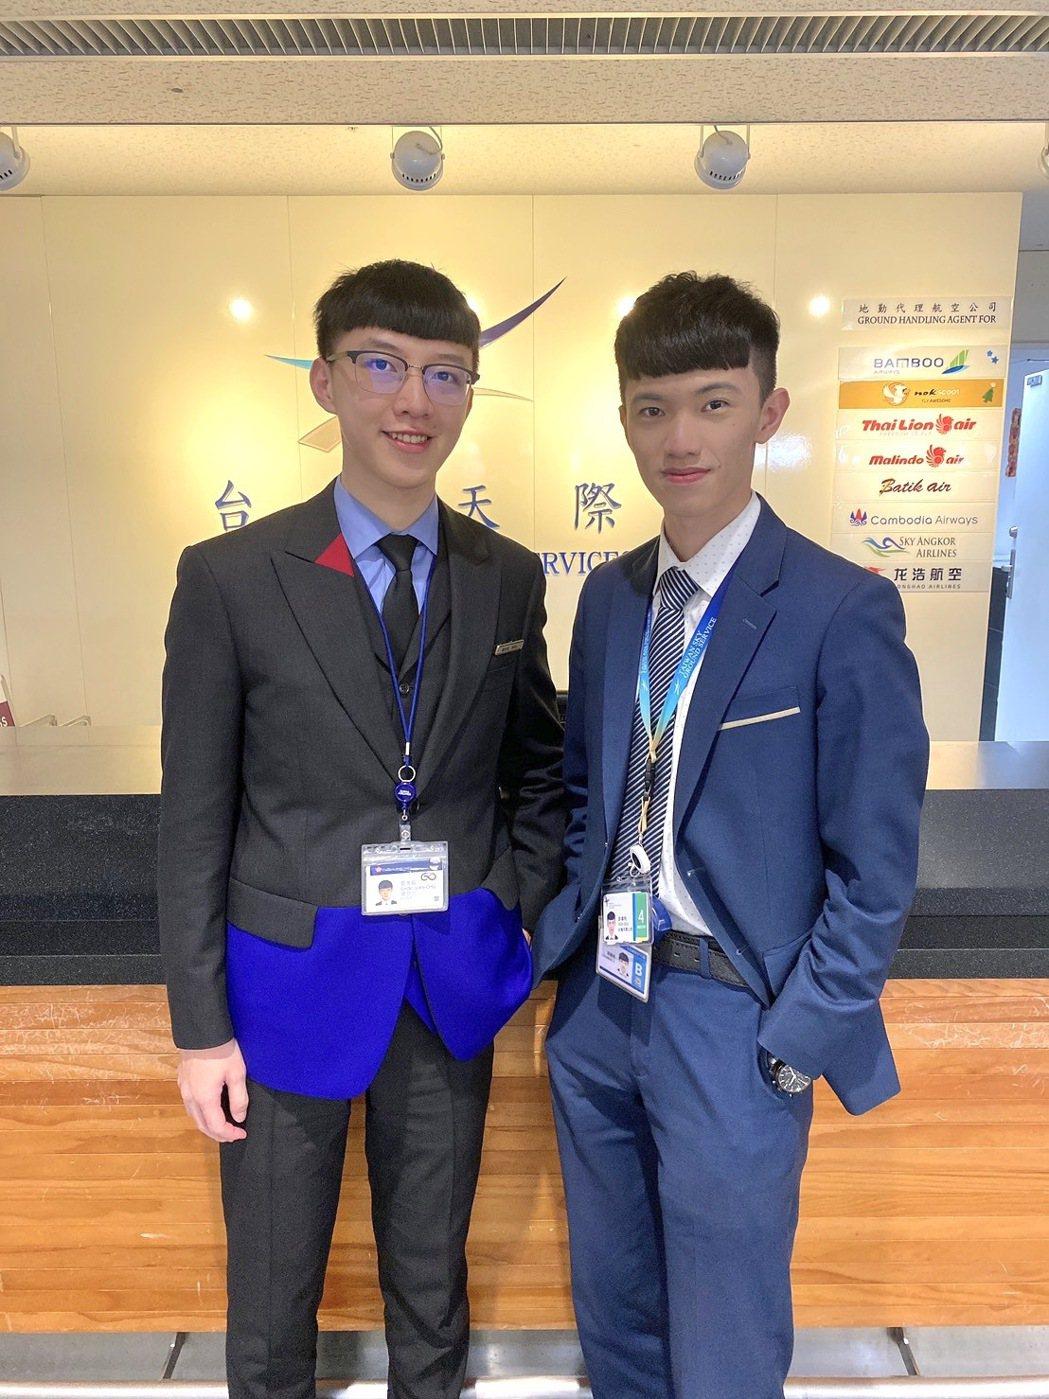 航服系游偉利同學(右)與同屆華航實習生鄒念祖同學(左)。 萬能科大/提供。